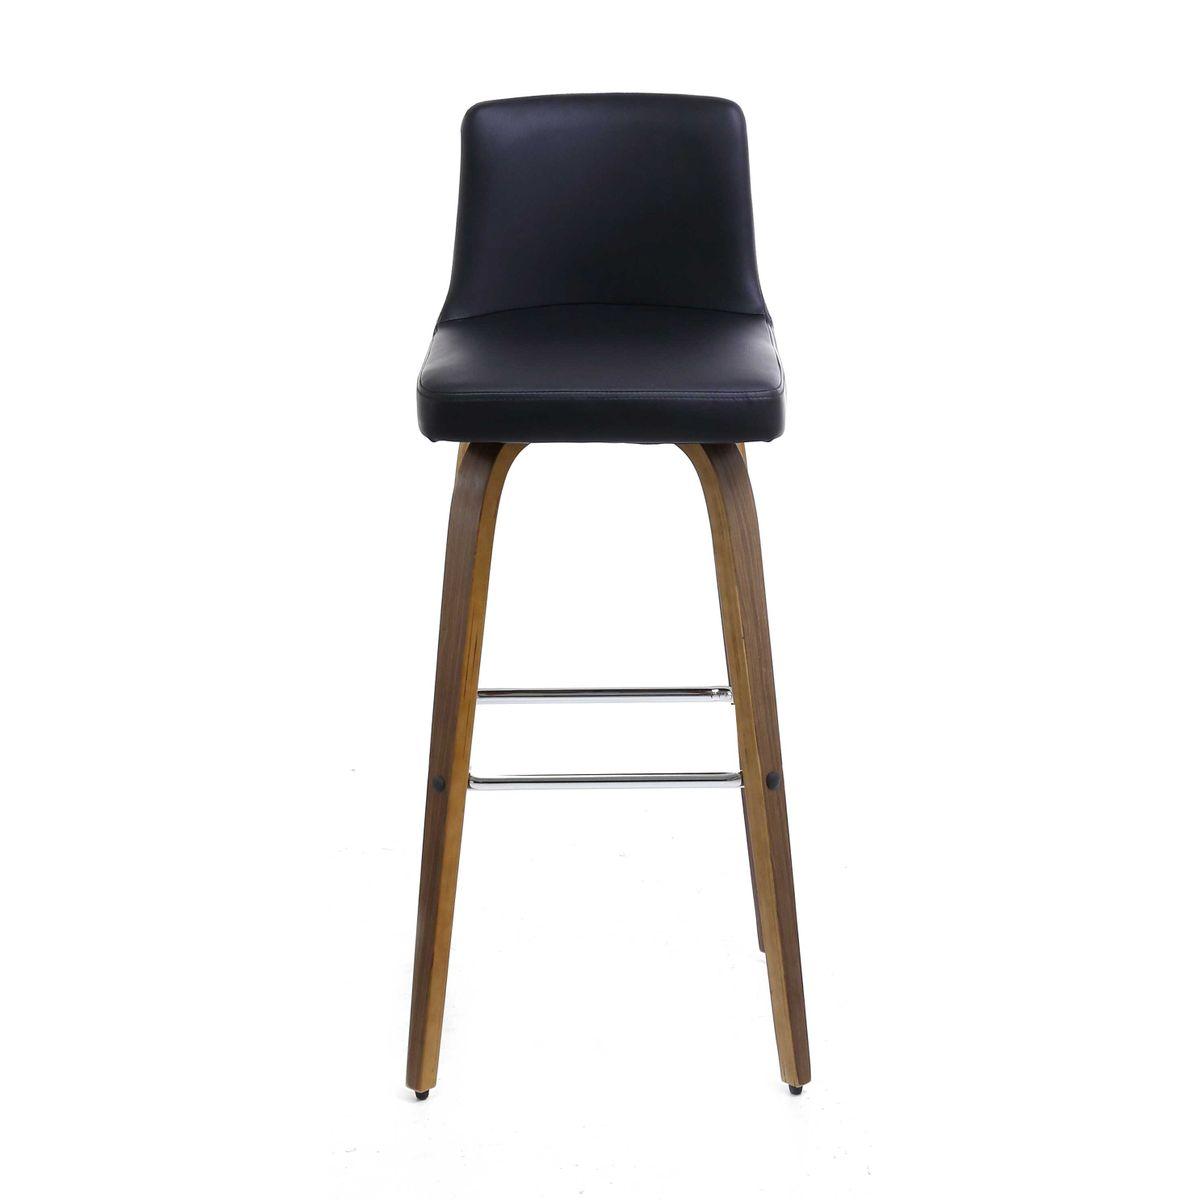 2x tabouret de bar similicuir noir et pieds noyer leti - Tabouret De Bar Style Scandinave